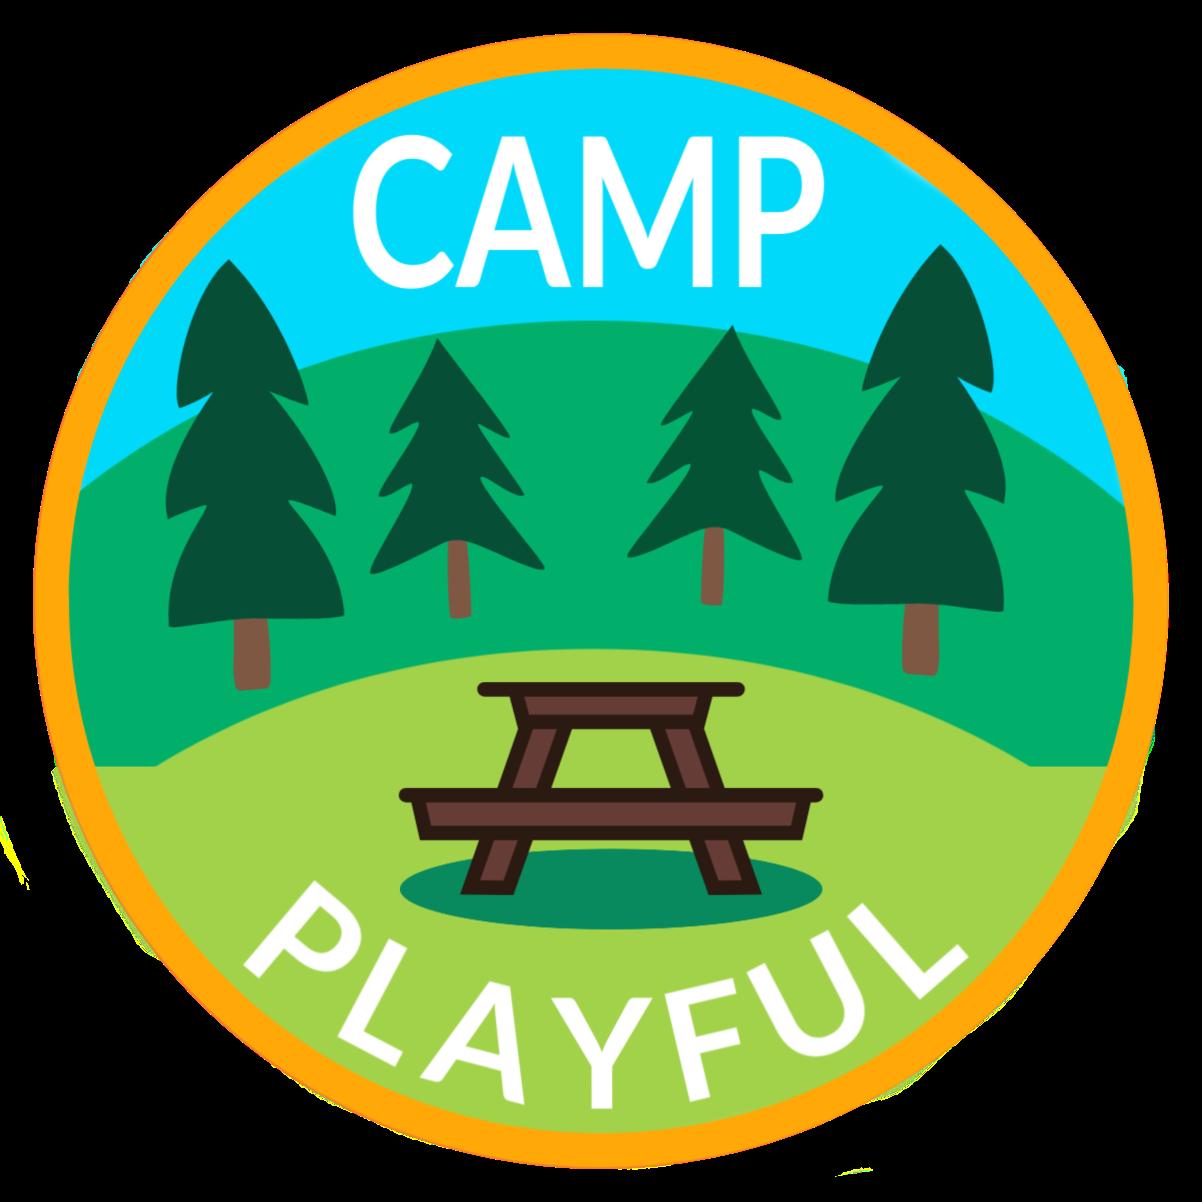 Camp Playful